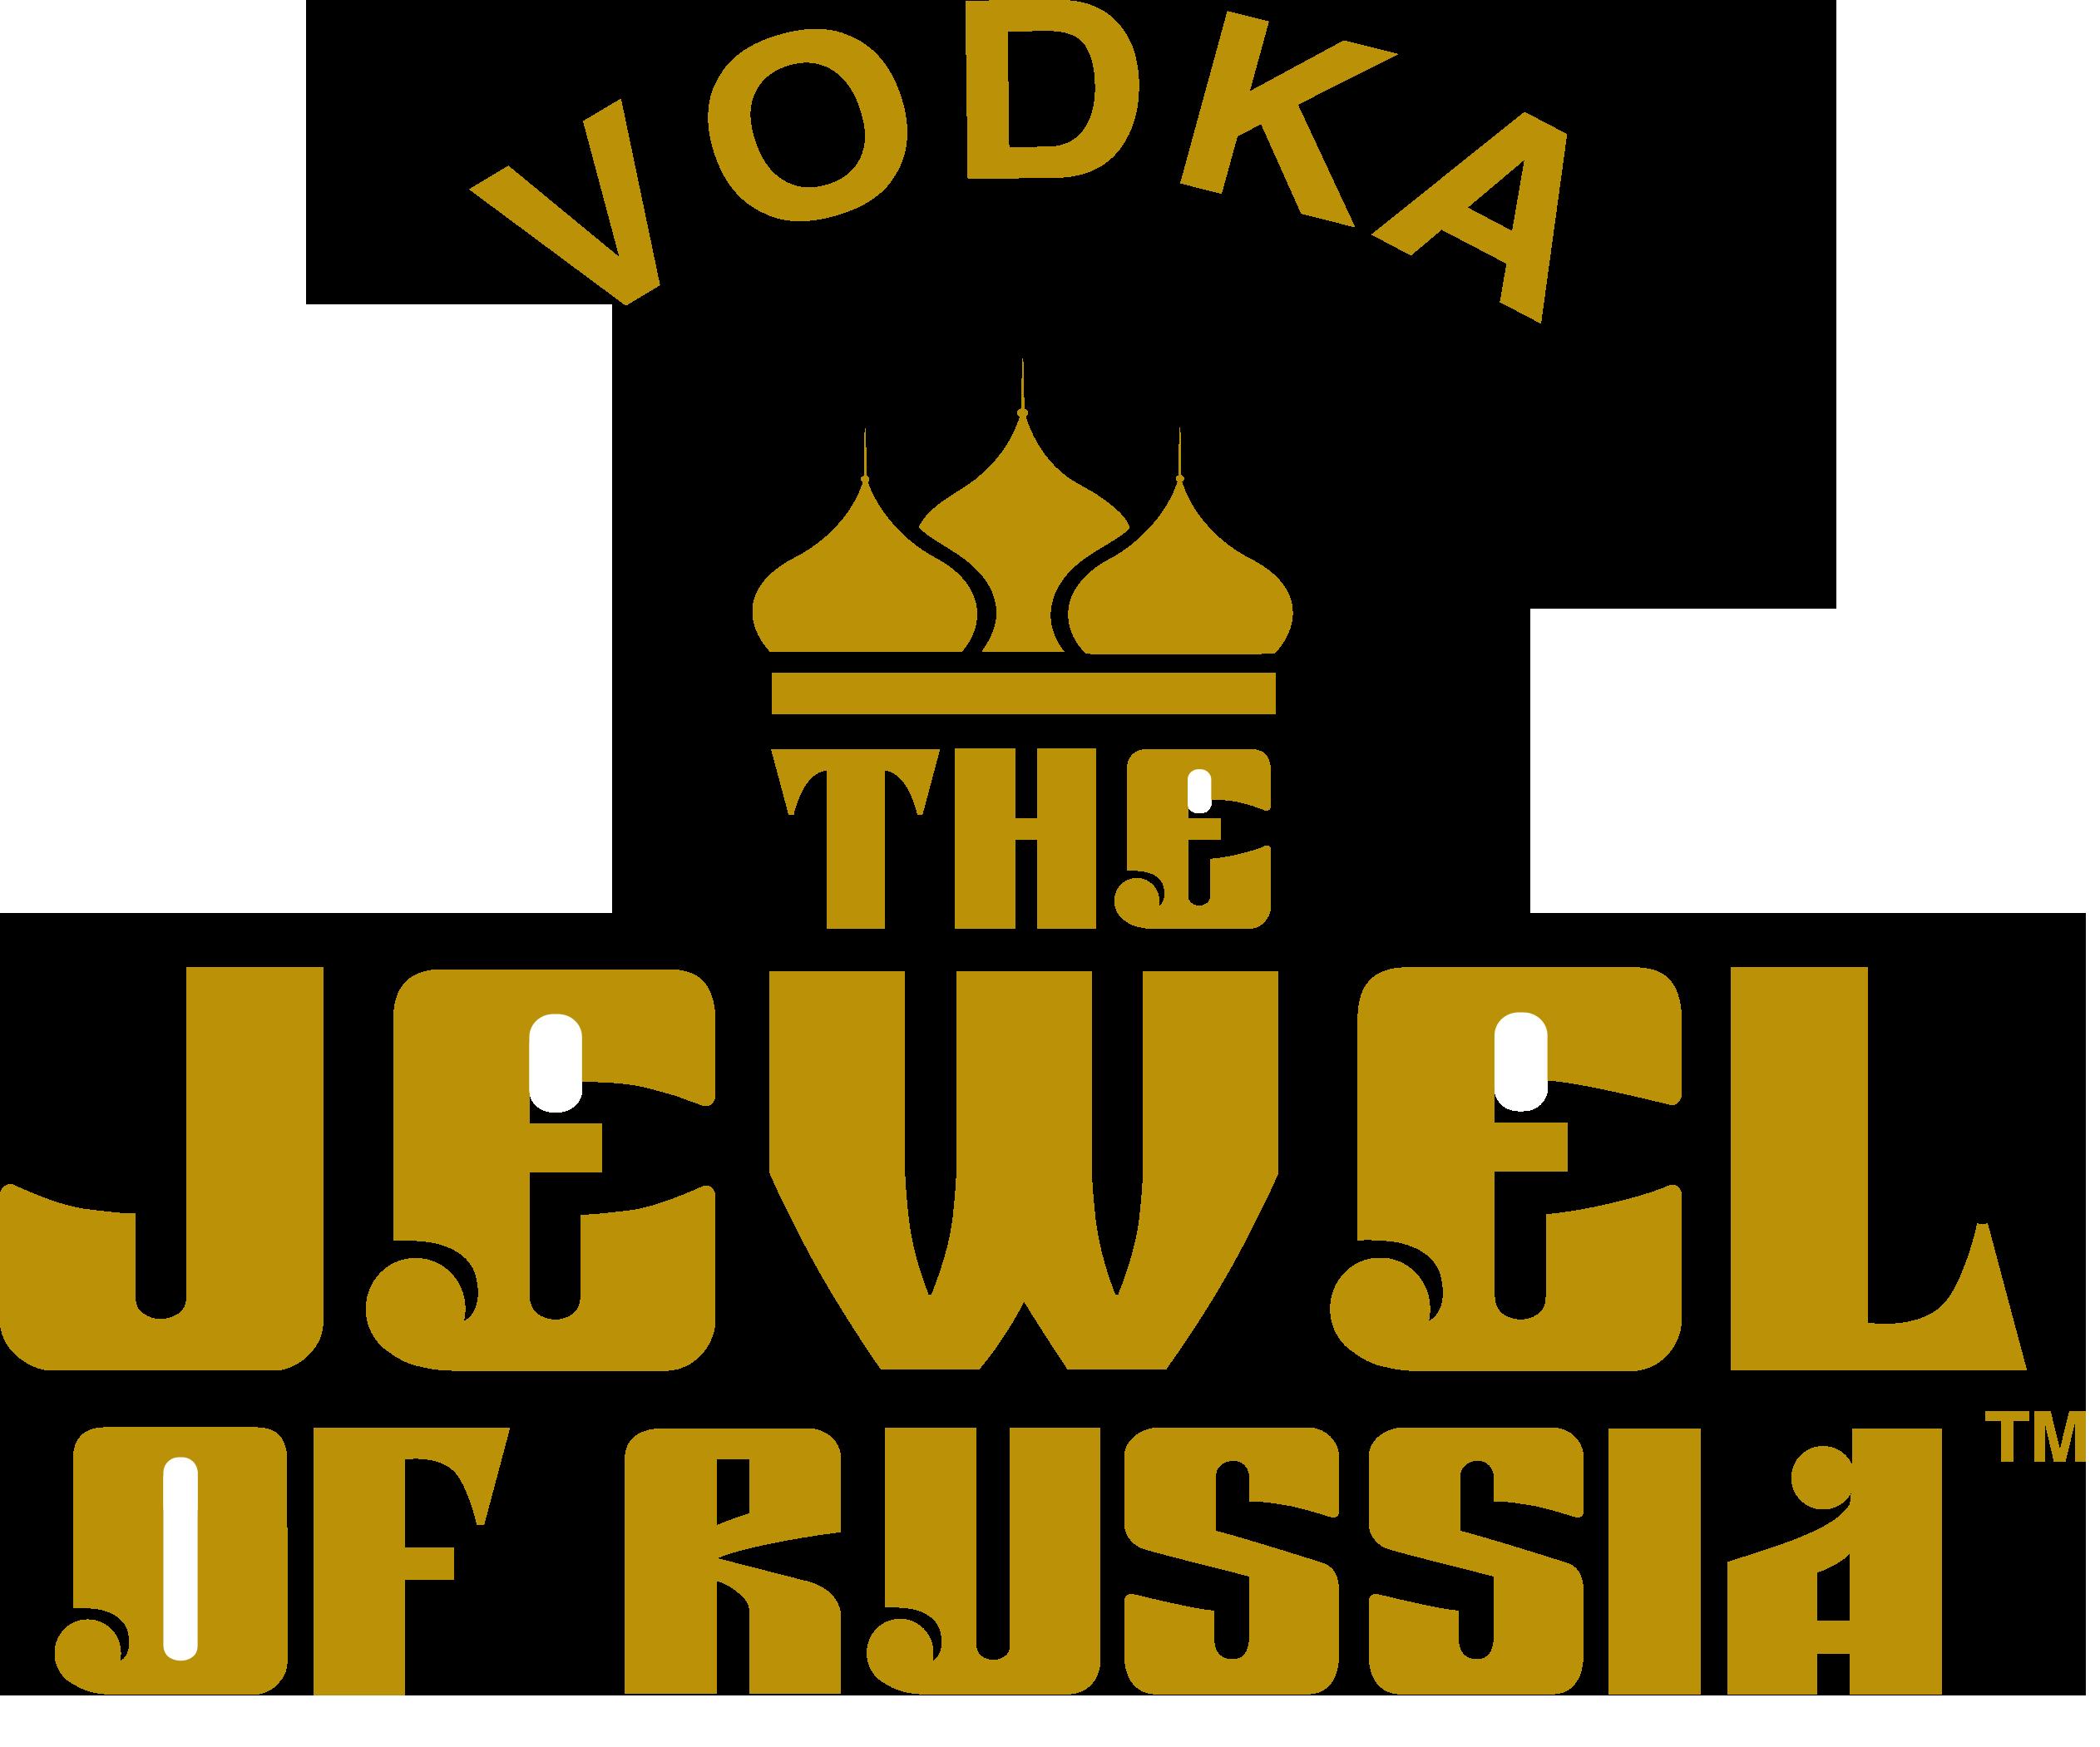 Vodka Jewel of Russia